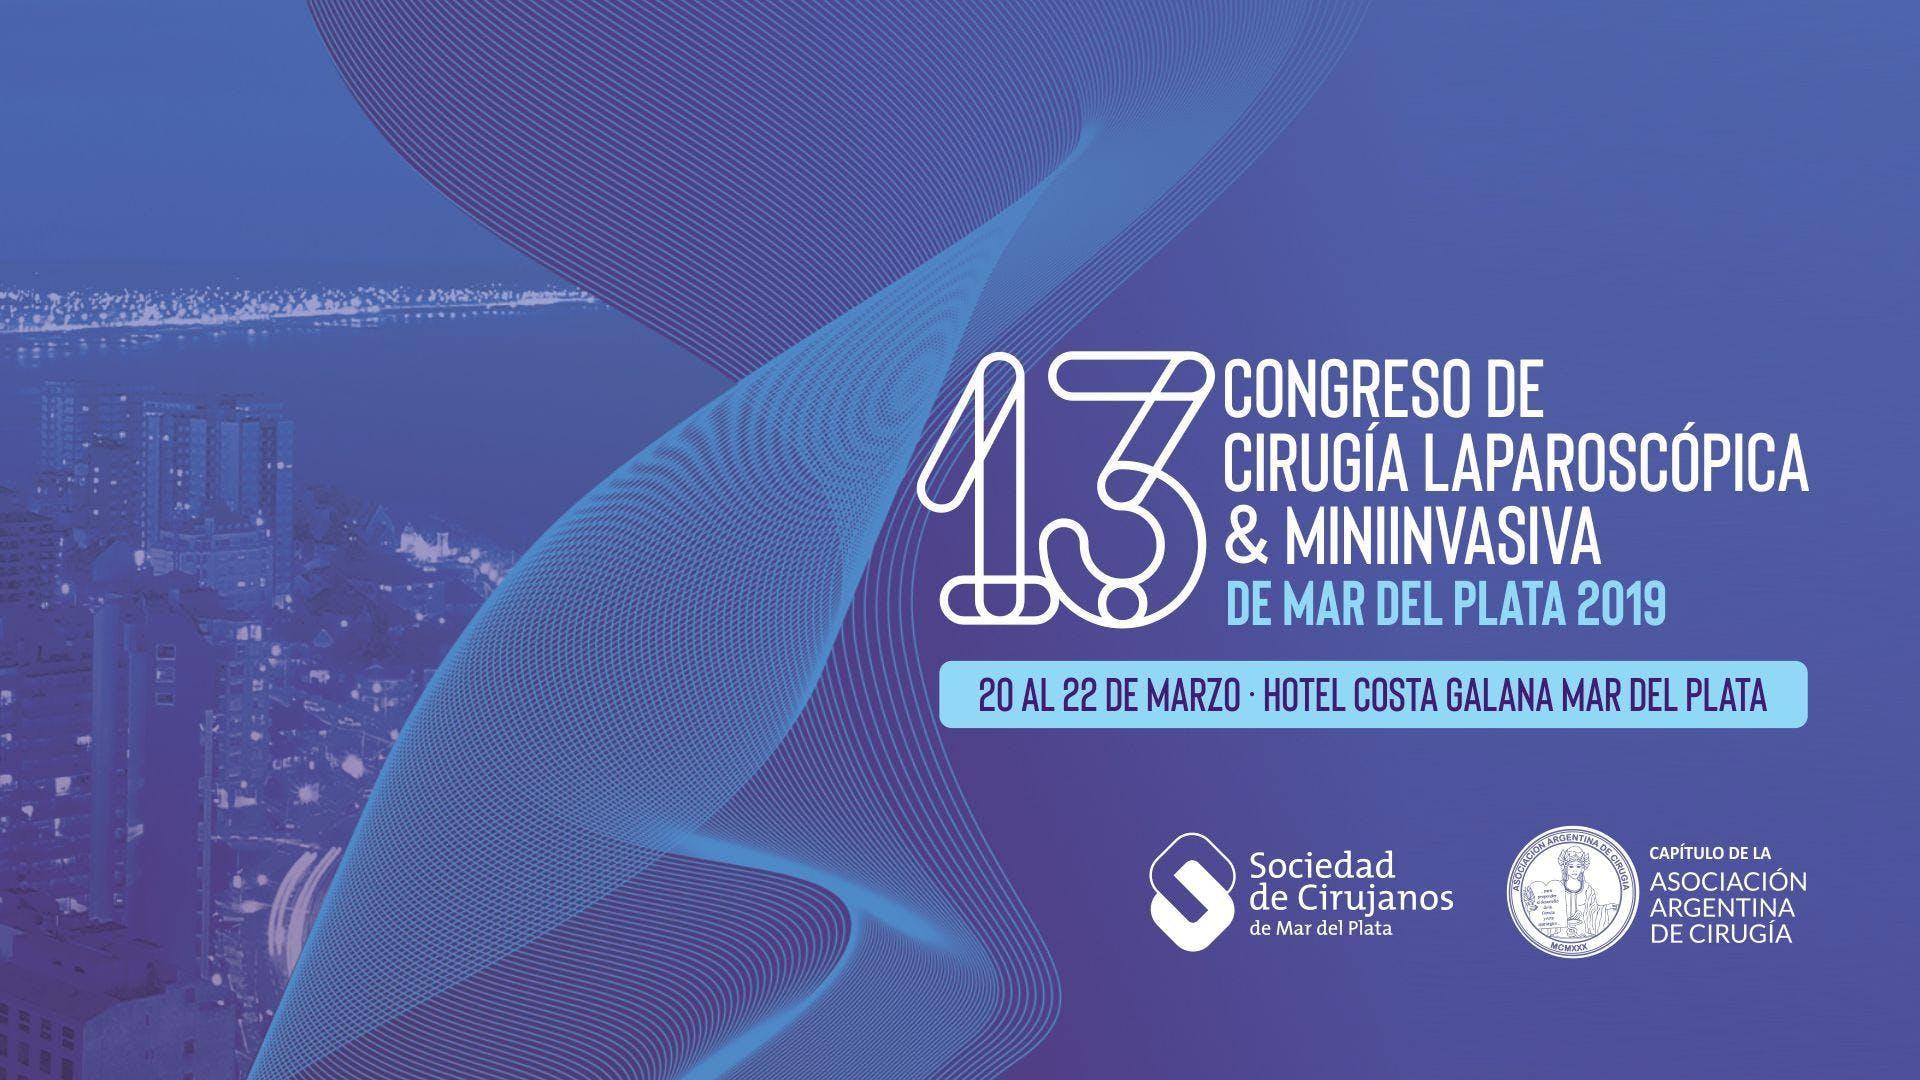 13º Congreso de Cirugía Laparoscópica & Minii